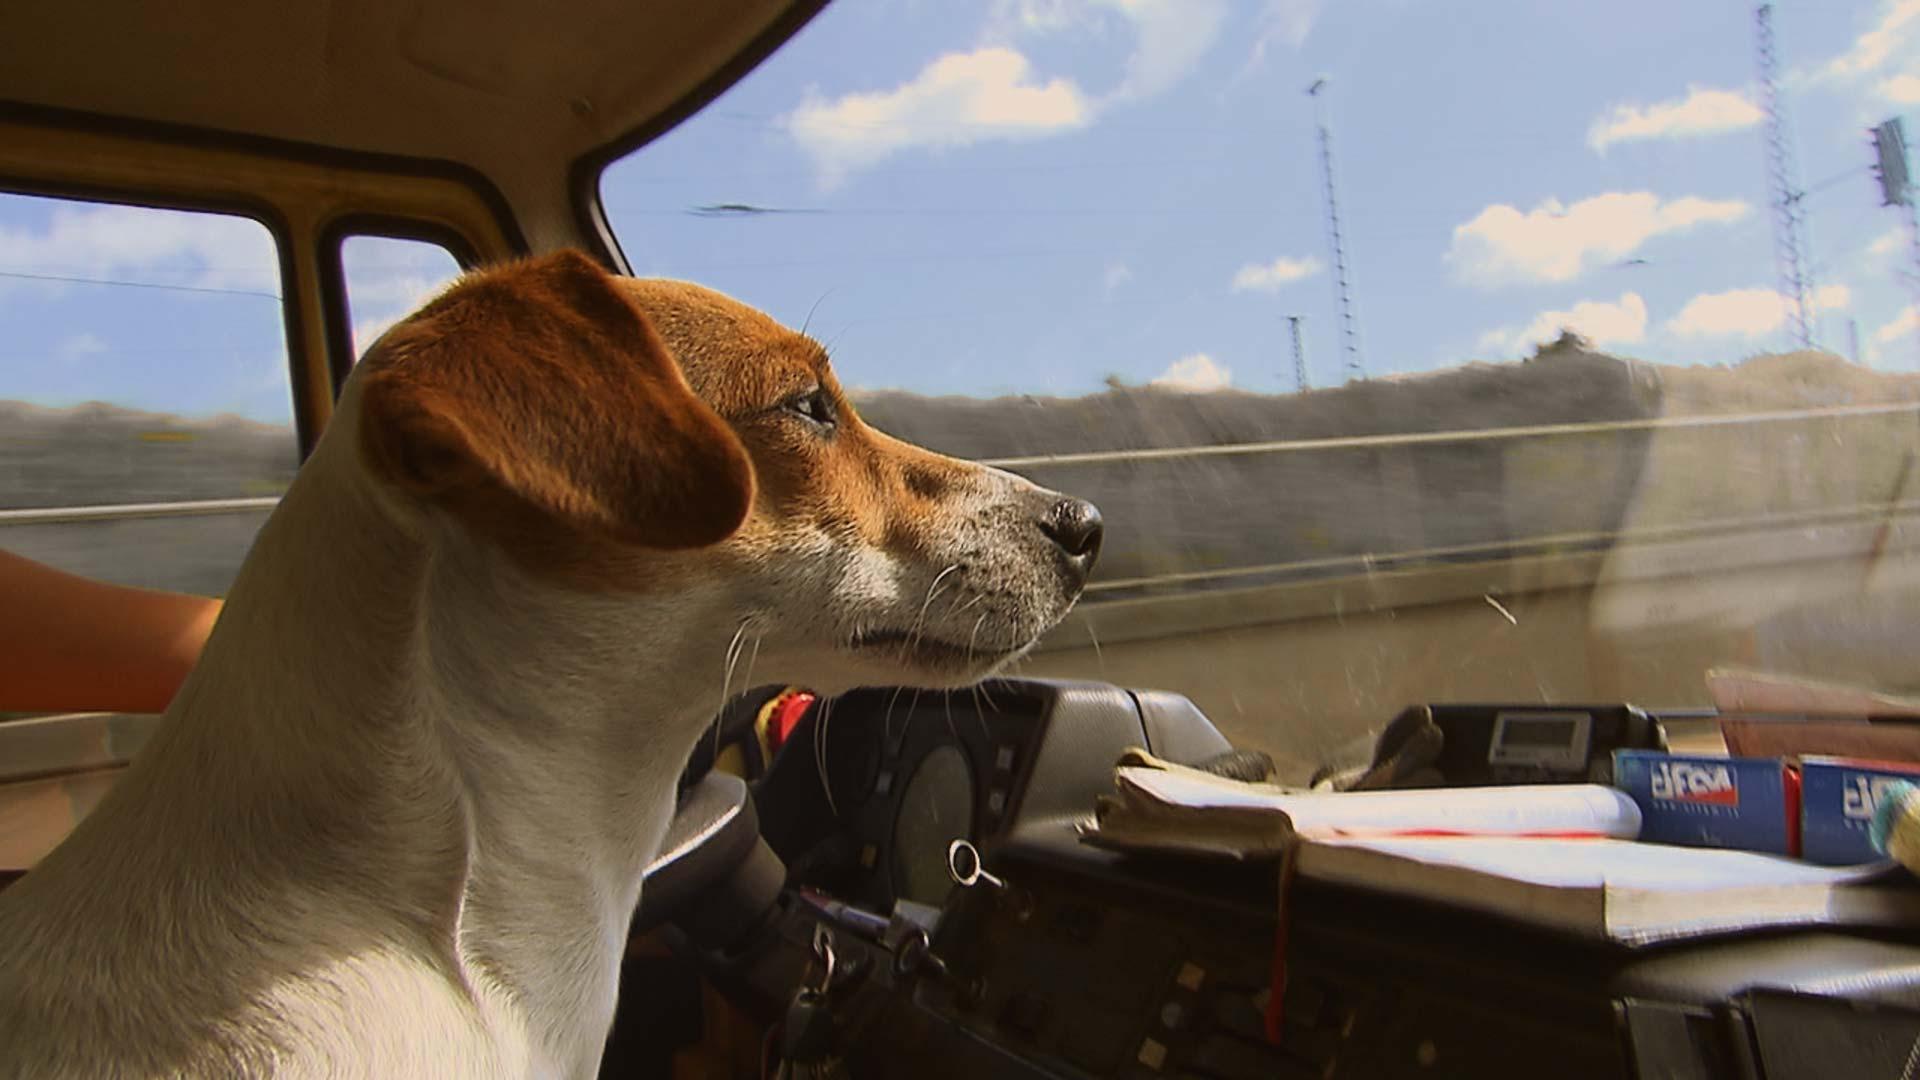 Hund sitzt im LKW und blickt aus dem Fenster